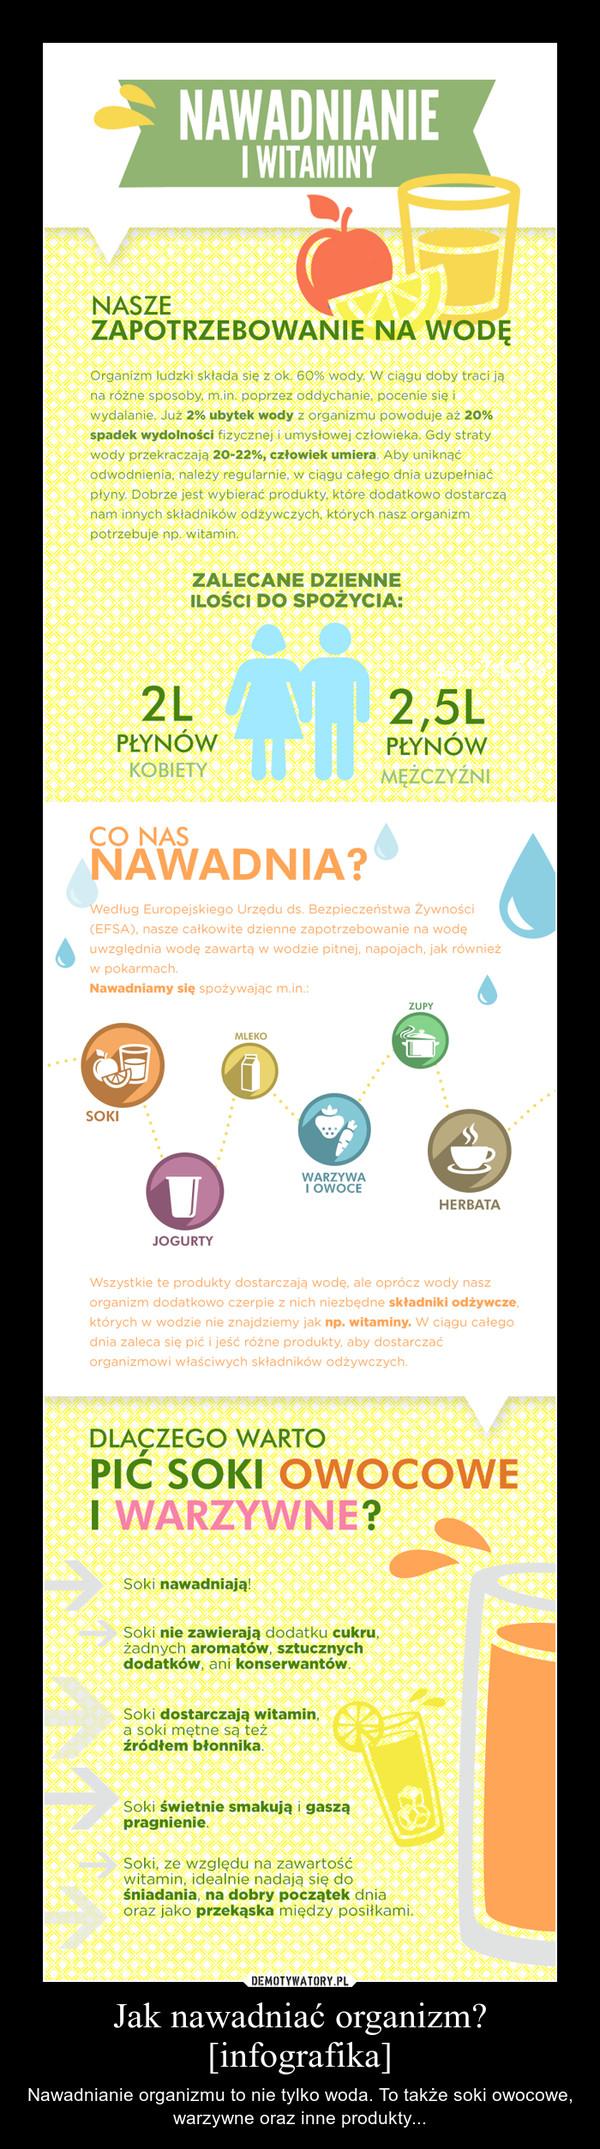 Jak nawadniać organizm? [infografika] – Nawadnianie organizmu to nie tylko woda. To także soki owocowe, warzywne oraz inne produkty...